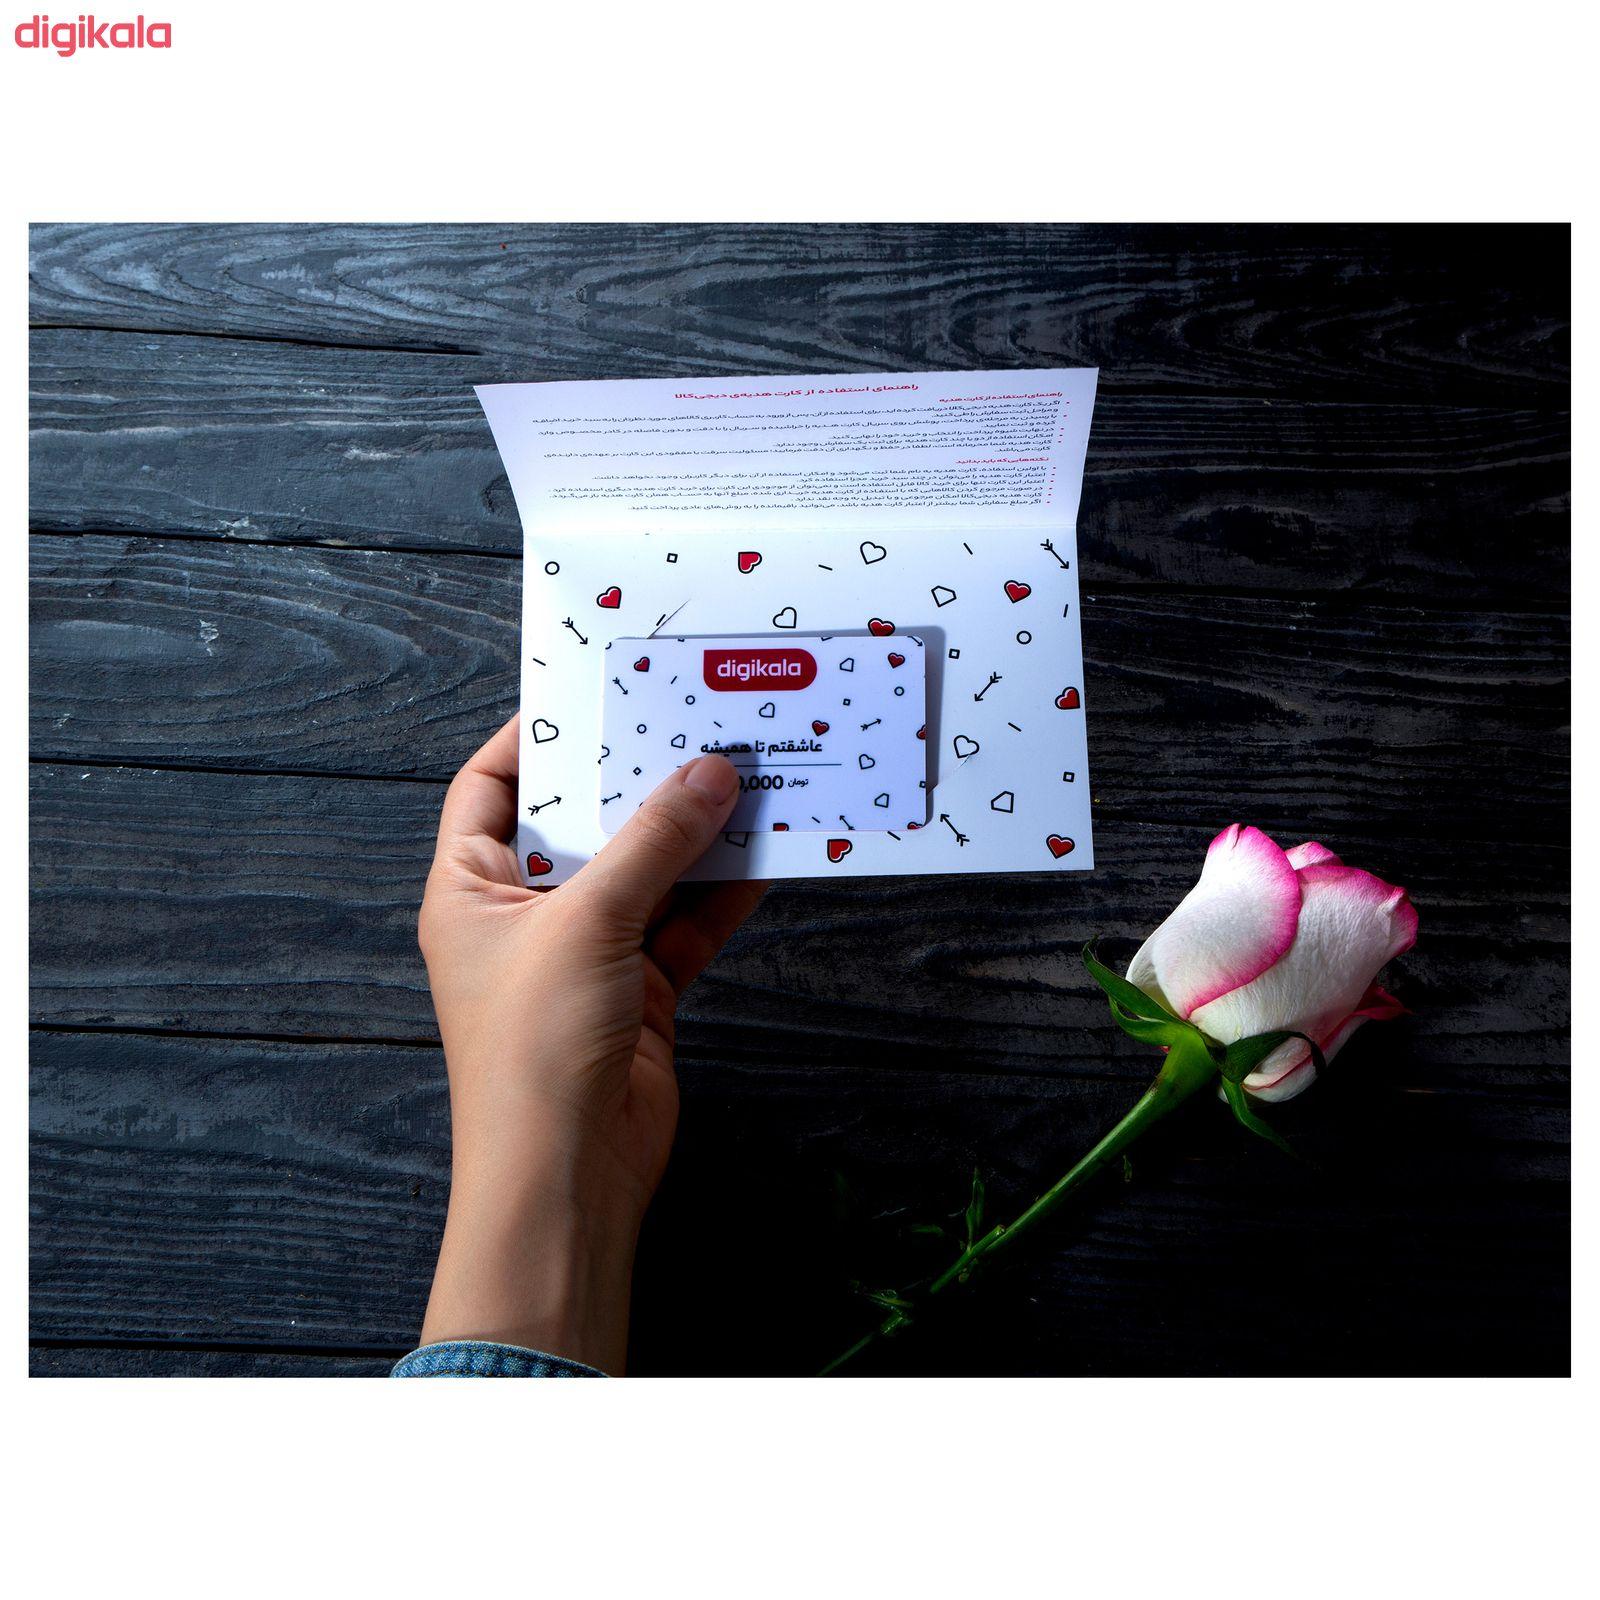 کارت هدیه دیجی کالا به ارزش 100,000 تومان طرح قلب main 1 3